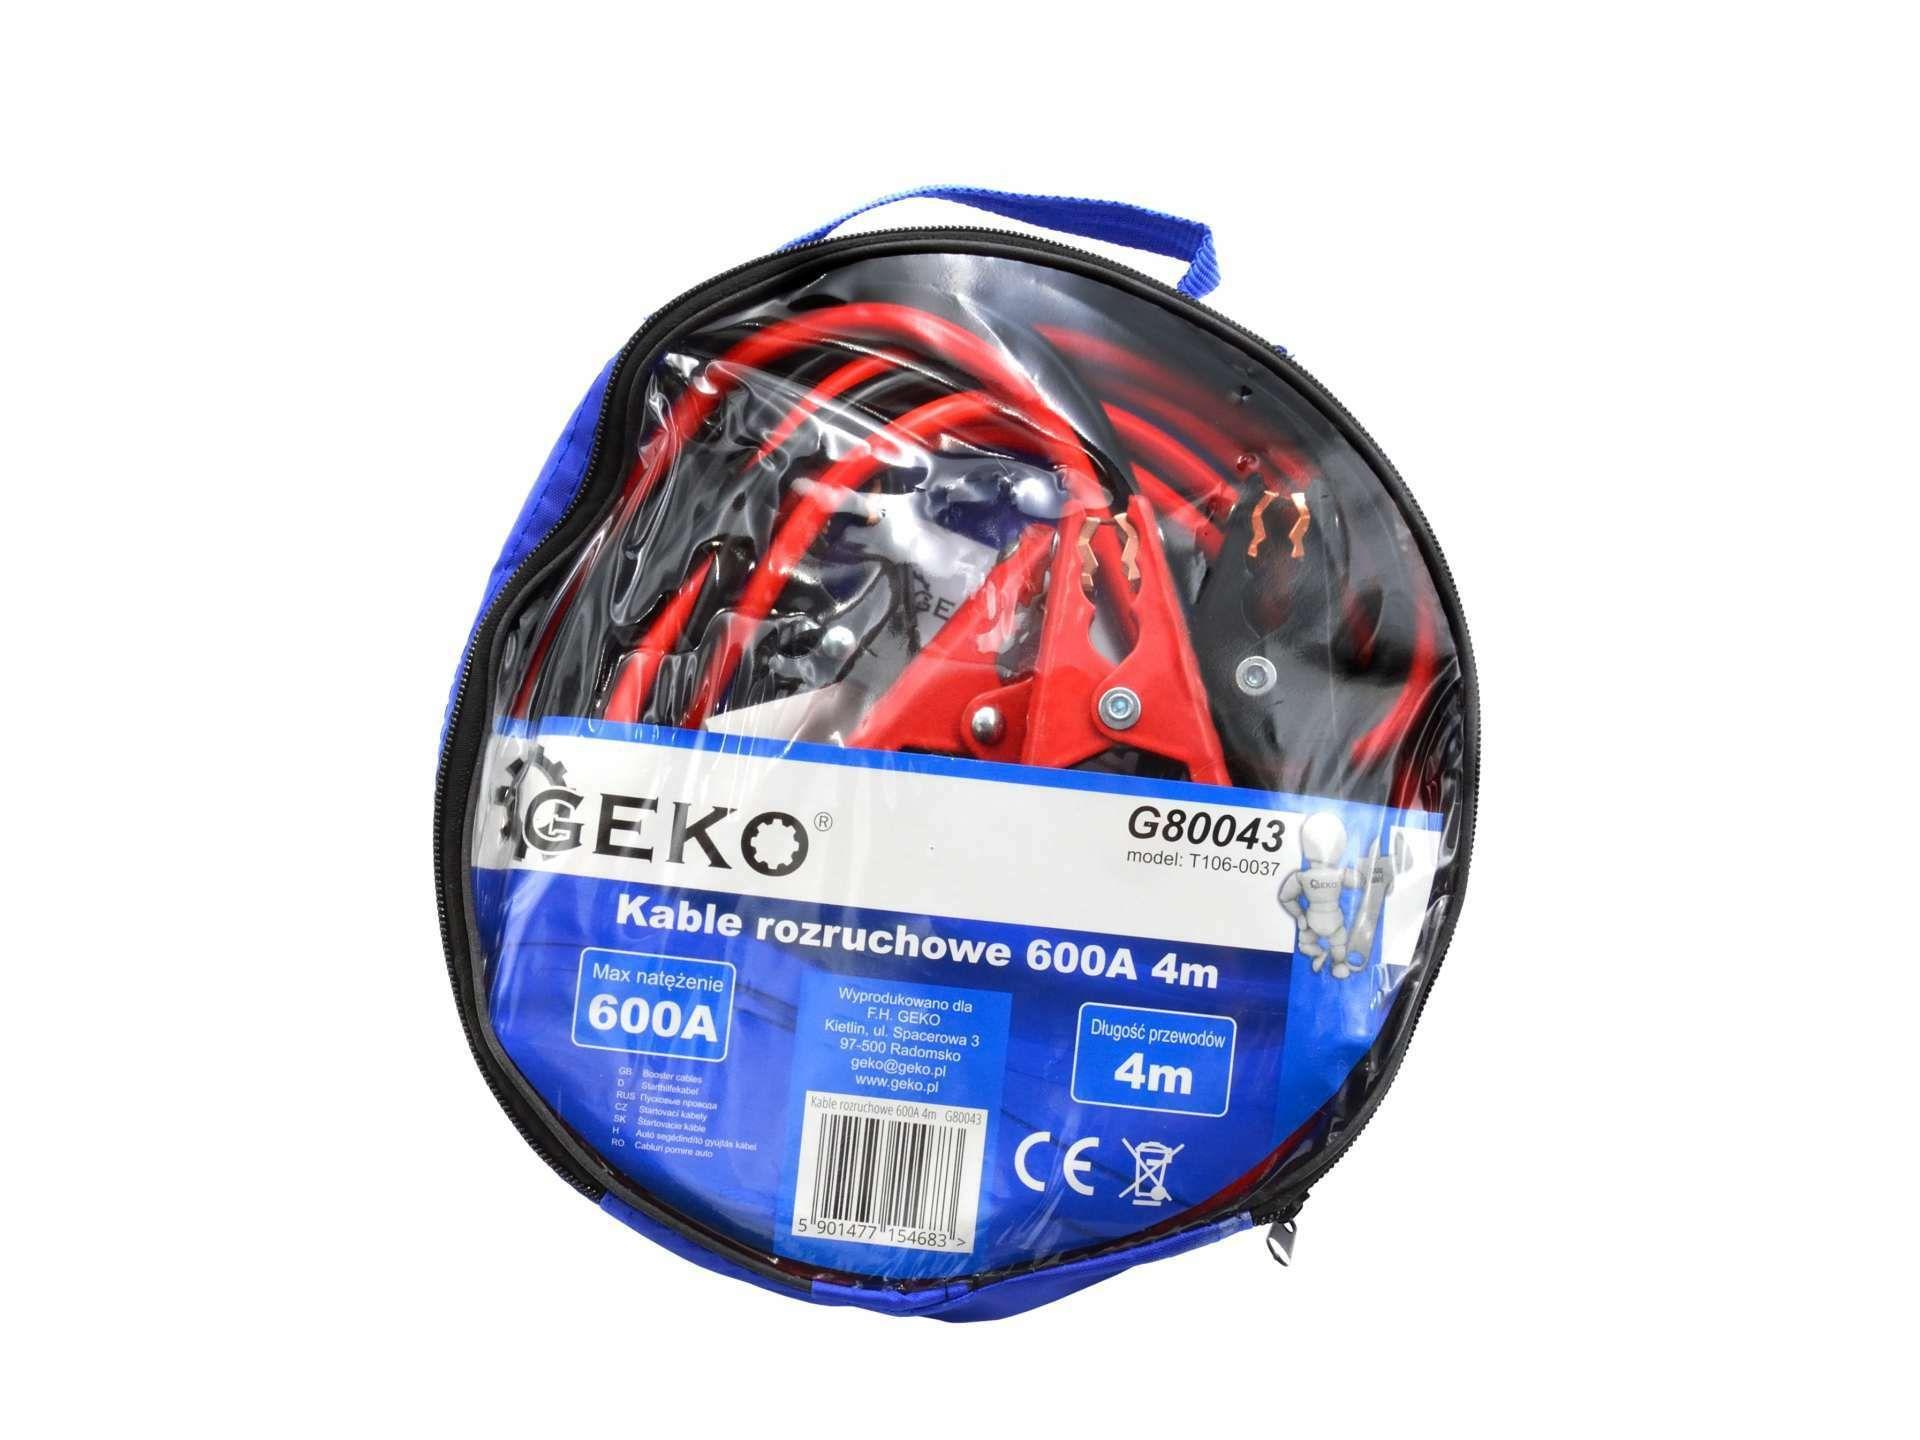 Startovací kabely 600A 4m GEKO